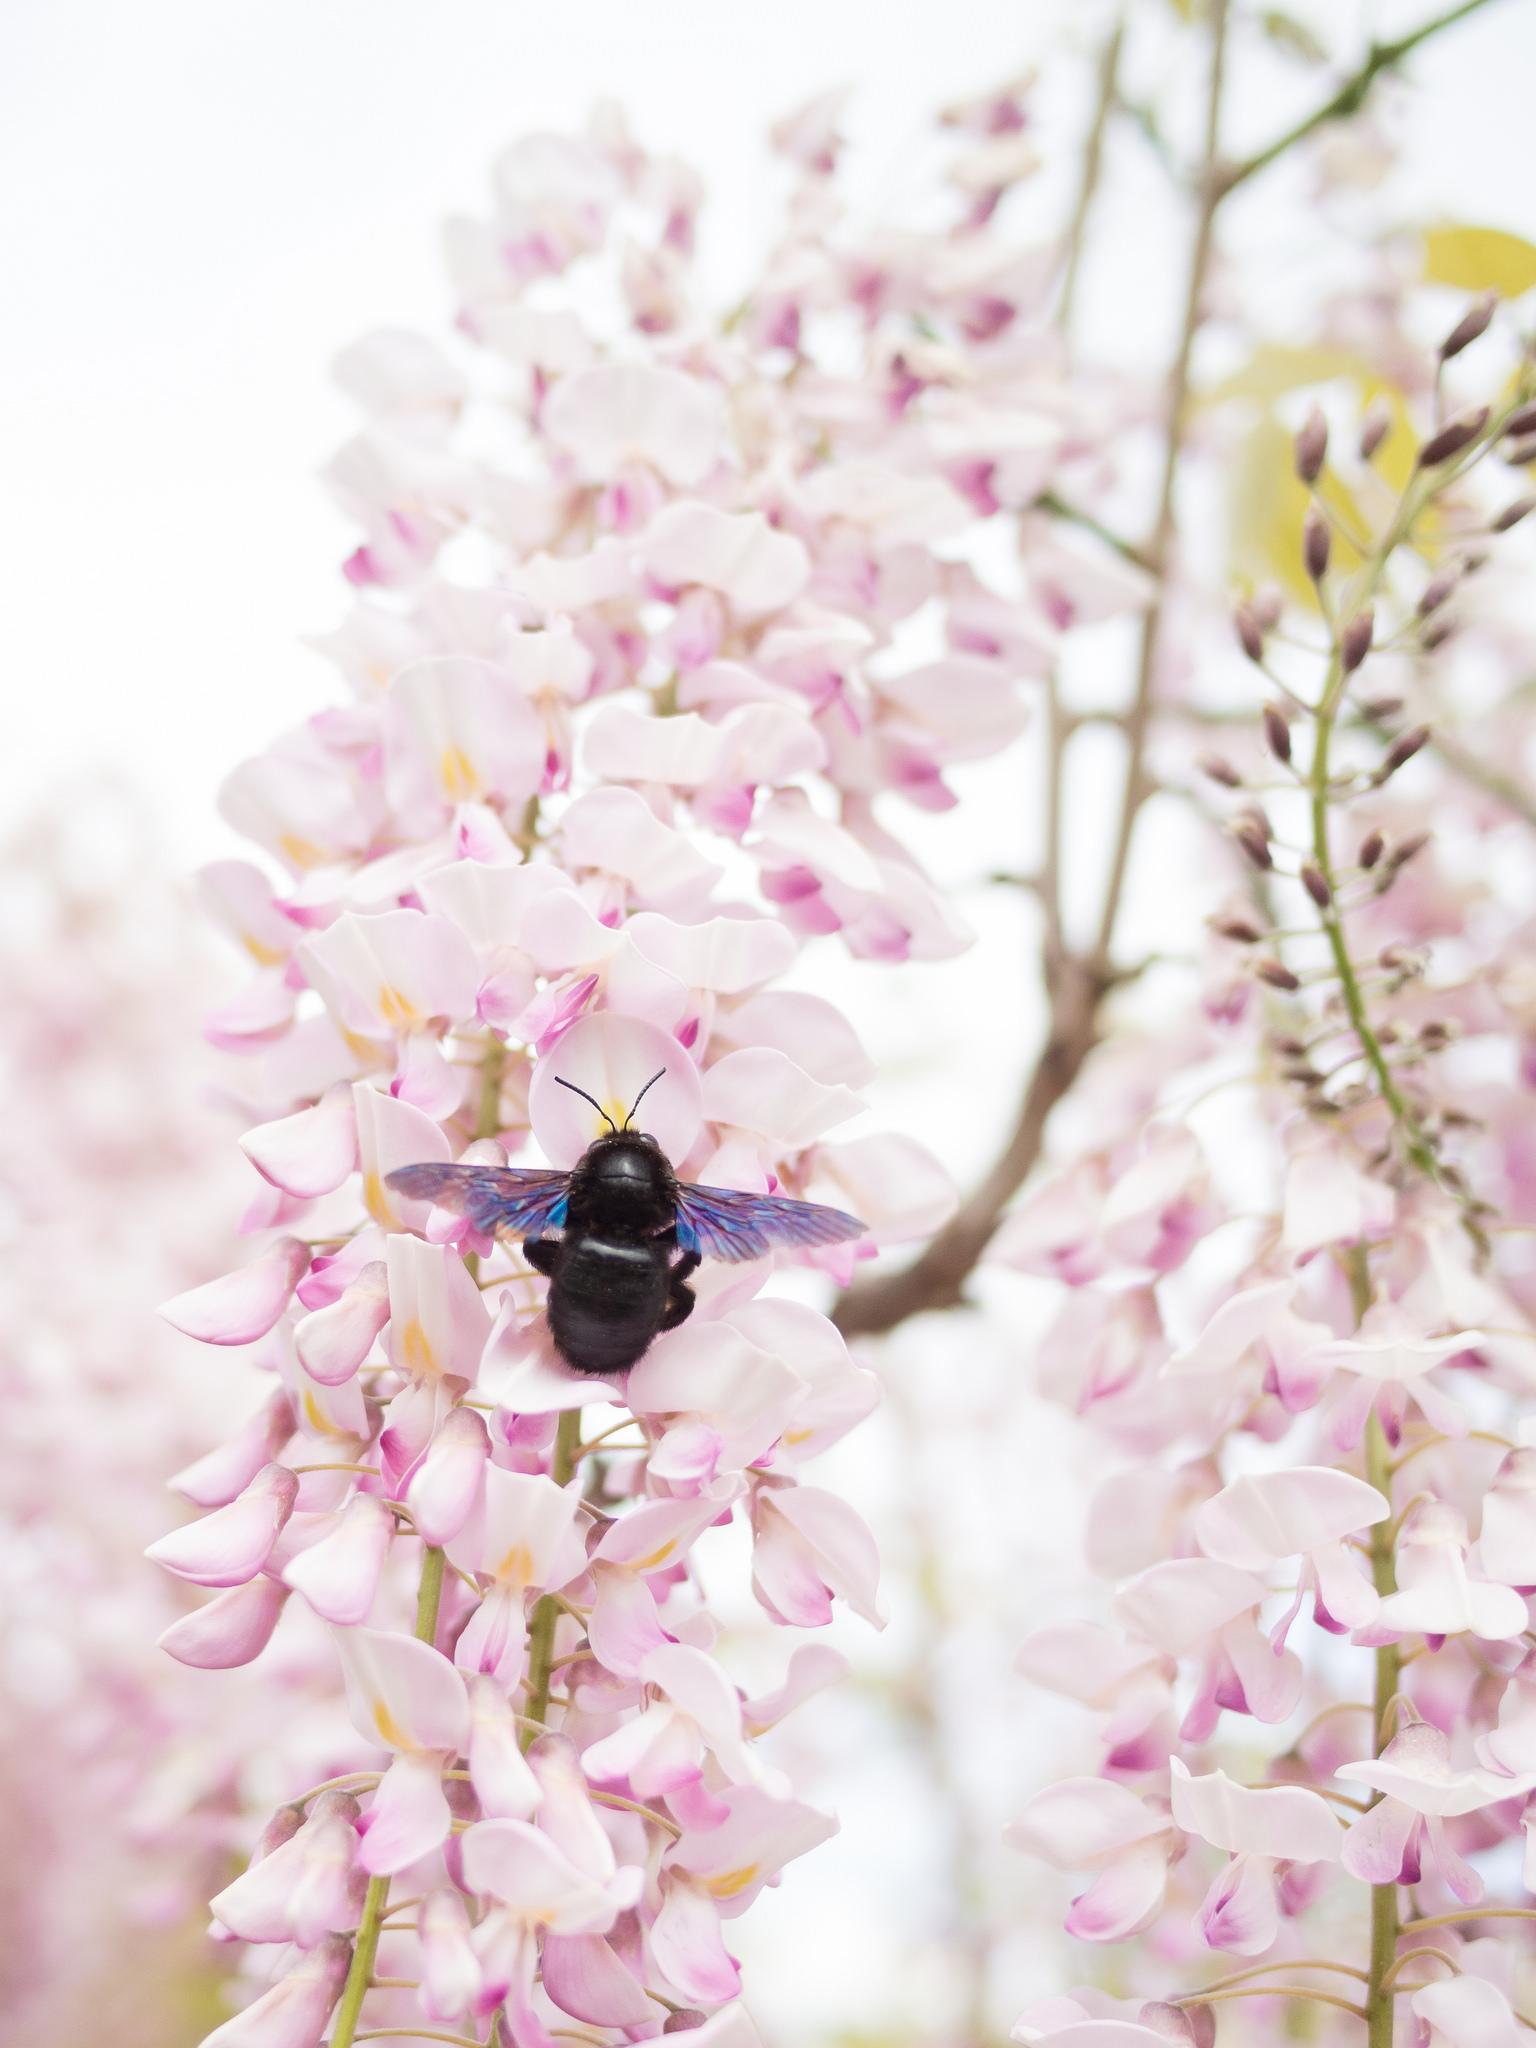 Học cách trồng hoa tử đằng đầy màu sắc